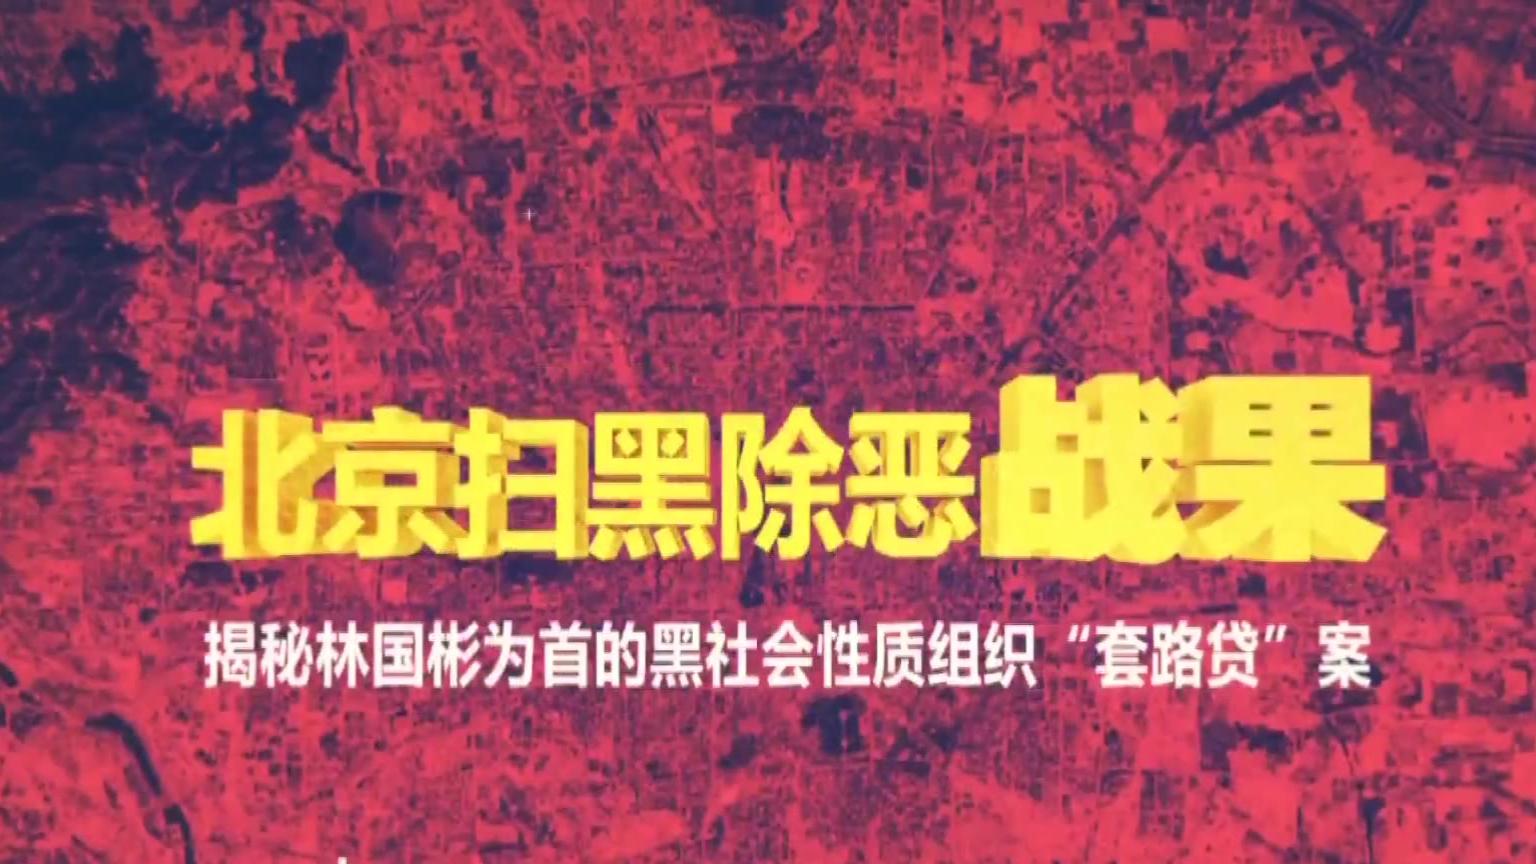 北京扫黑除恶战果|林国彬黑社会性质组织犯罪团伙覆灭记